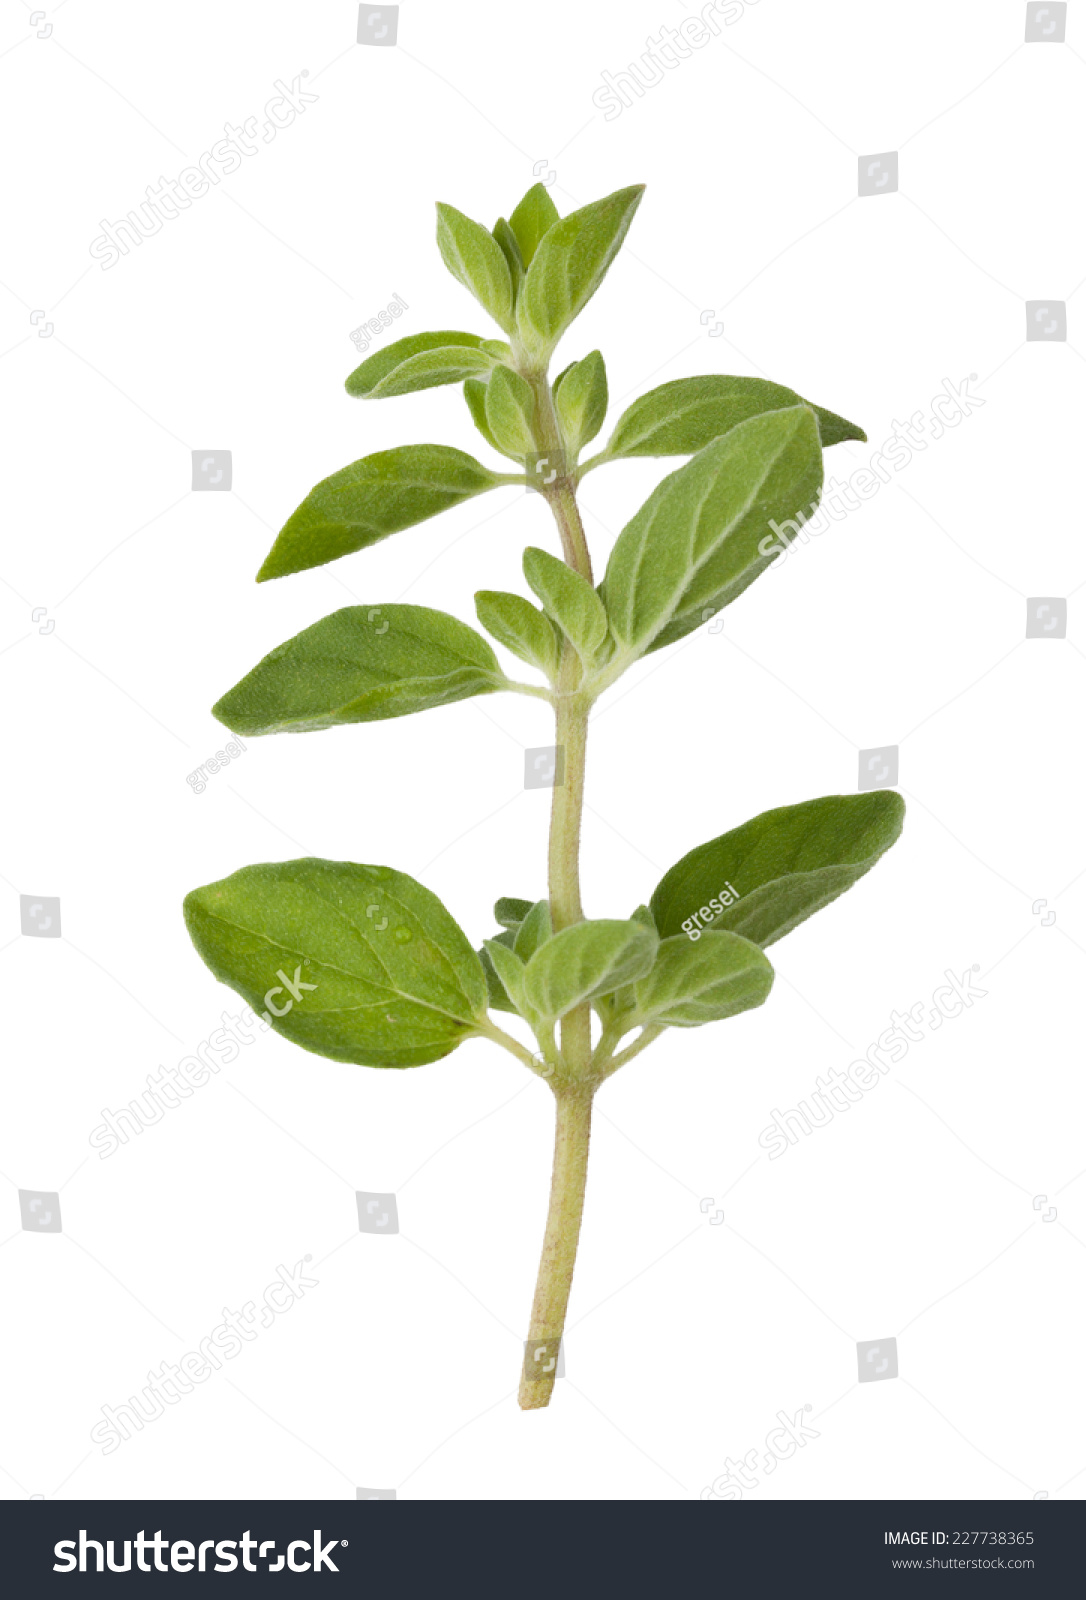 背景 壁纸 绿色 绿叶 树叶 植物 桌面 1085_1600 竖版 竖屏 手机